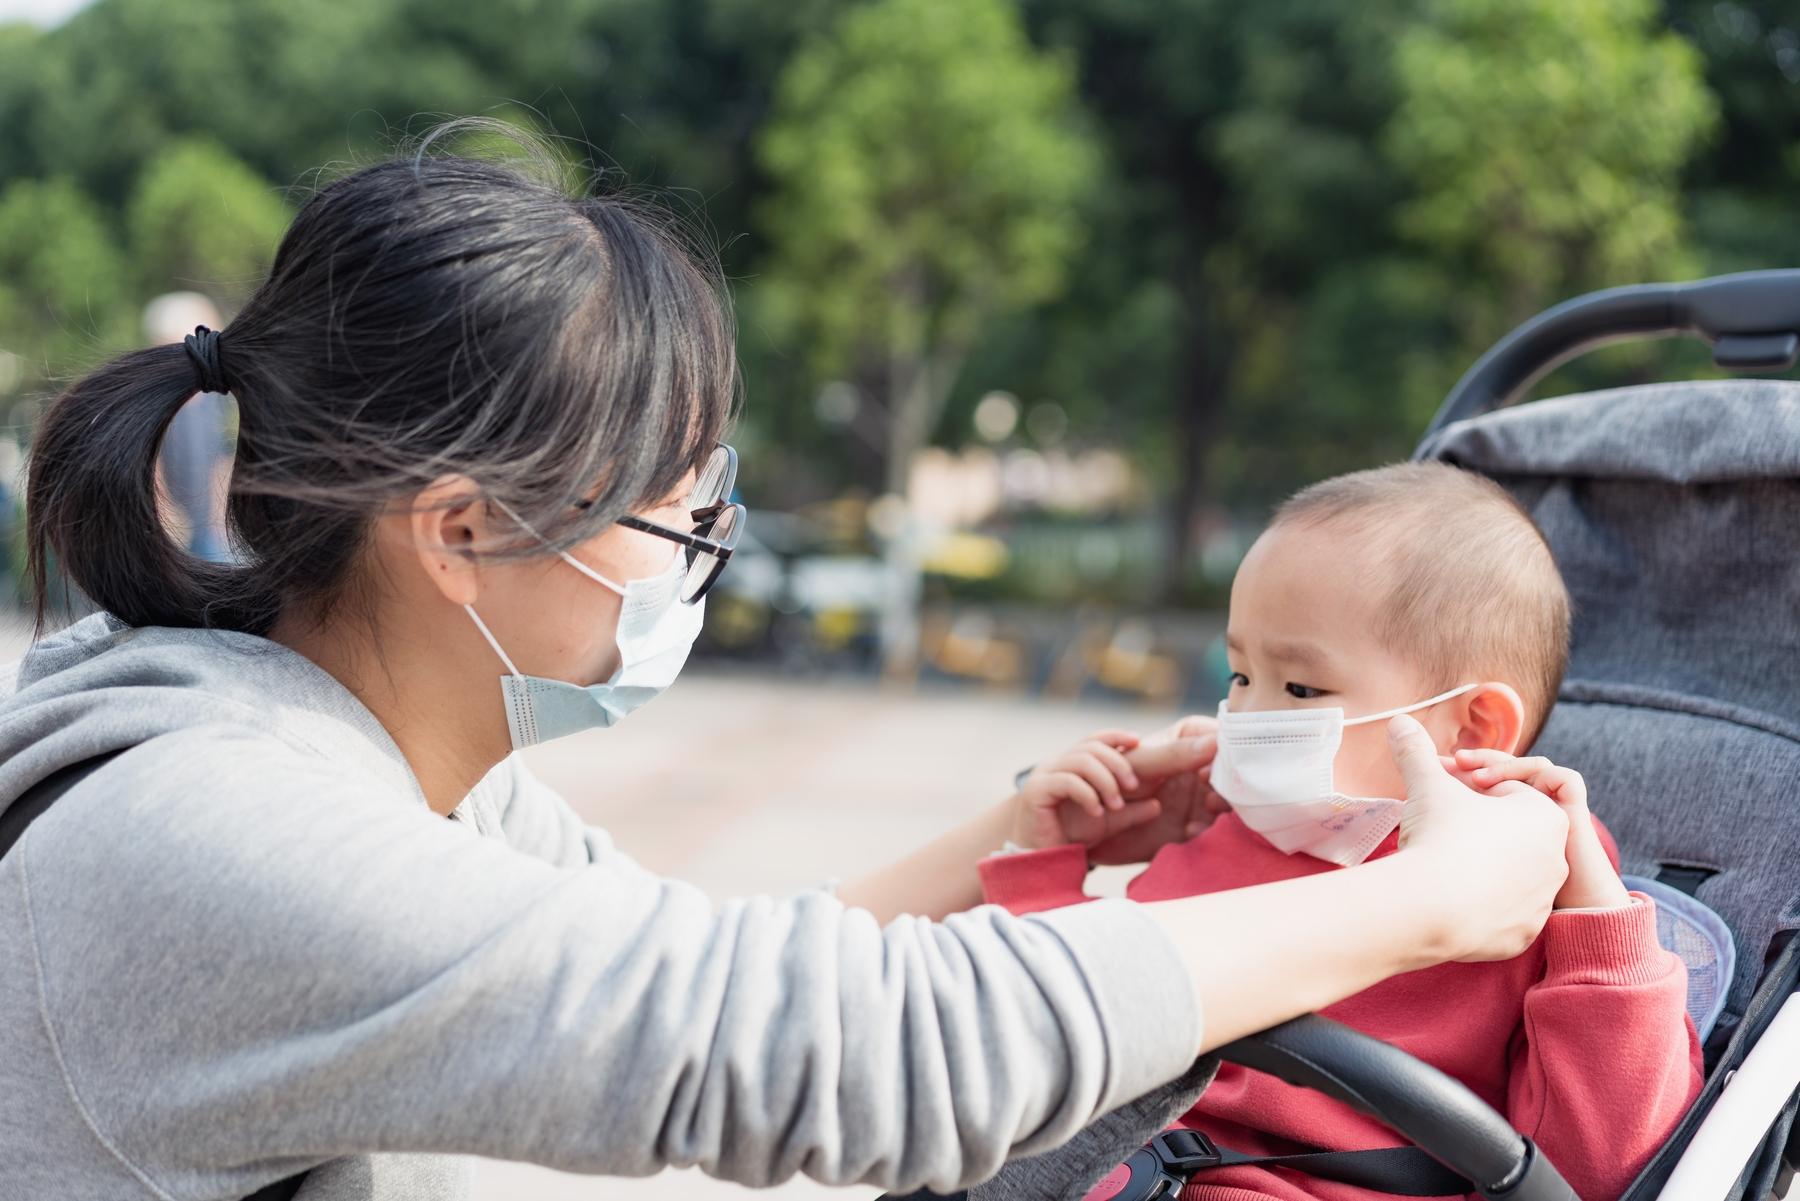 Auch Kinder müssen eine Gesichtsmaske zum Schutz tragen